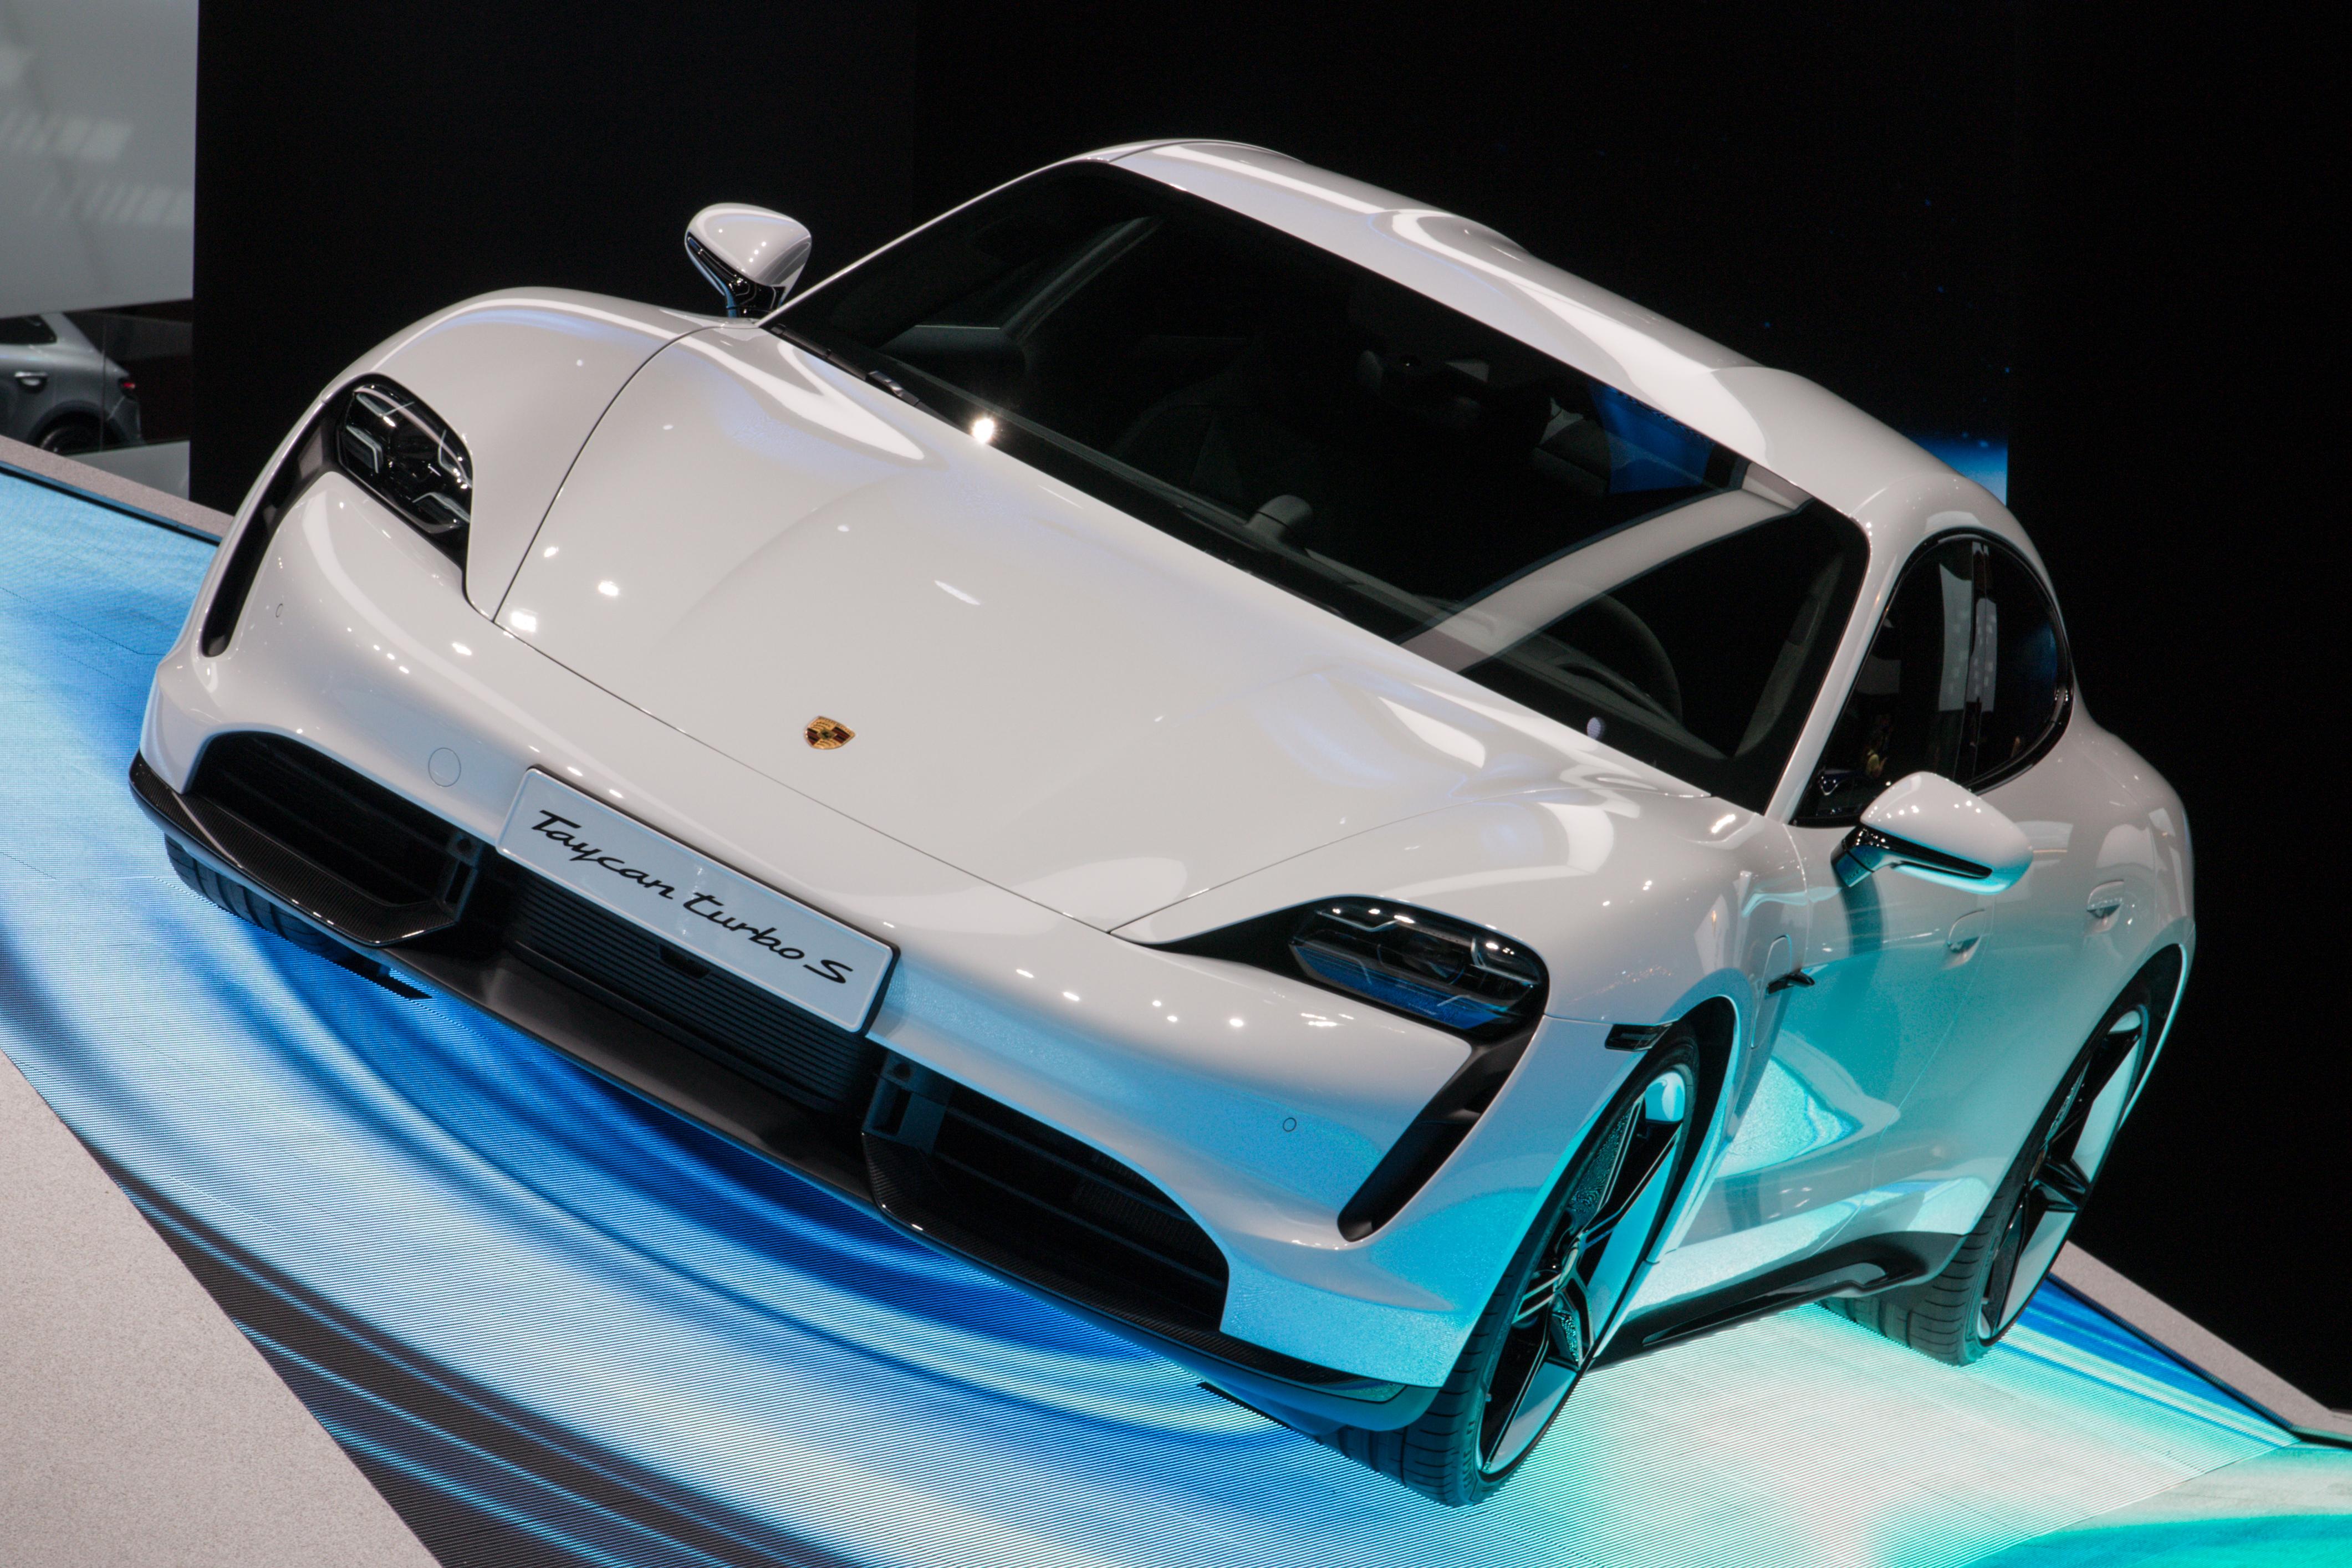 Ilgai laukti nereikėjo - Norvegija ketina apmokestinti brangius elektromobilius